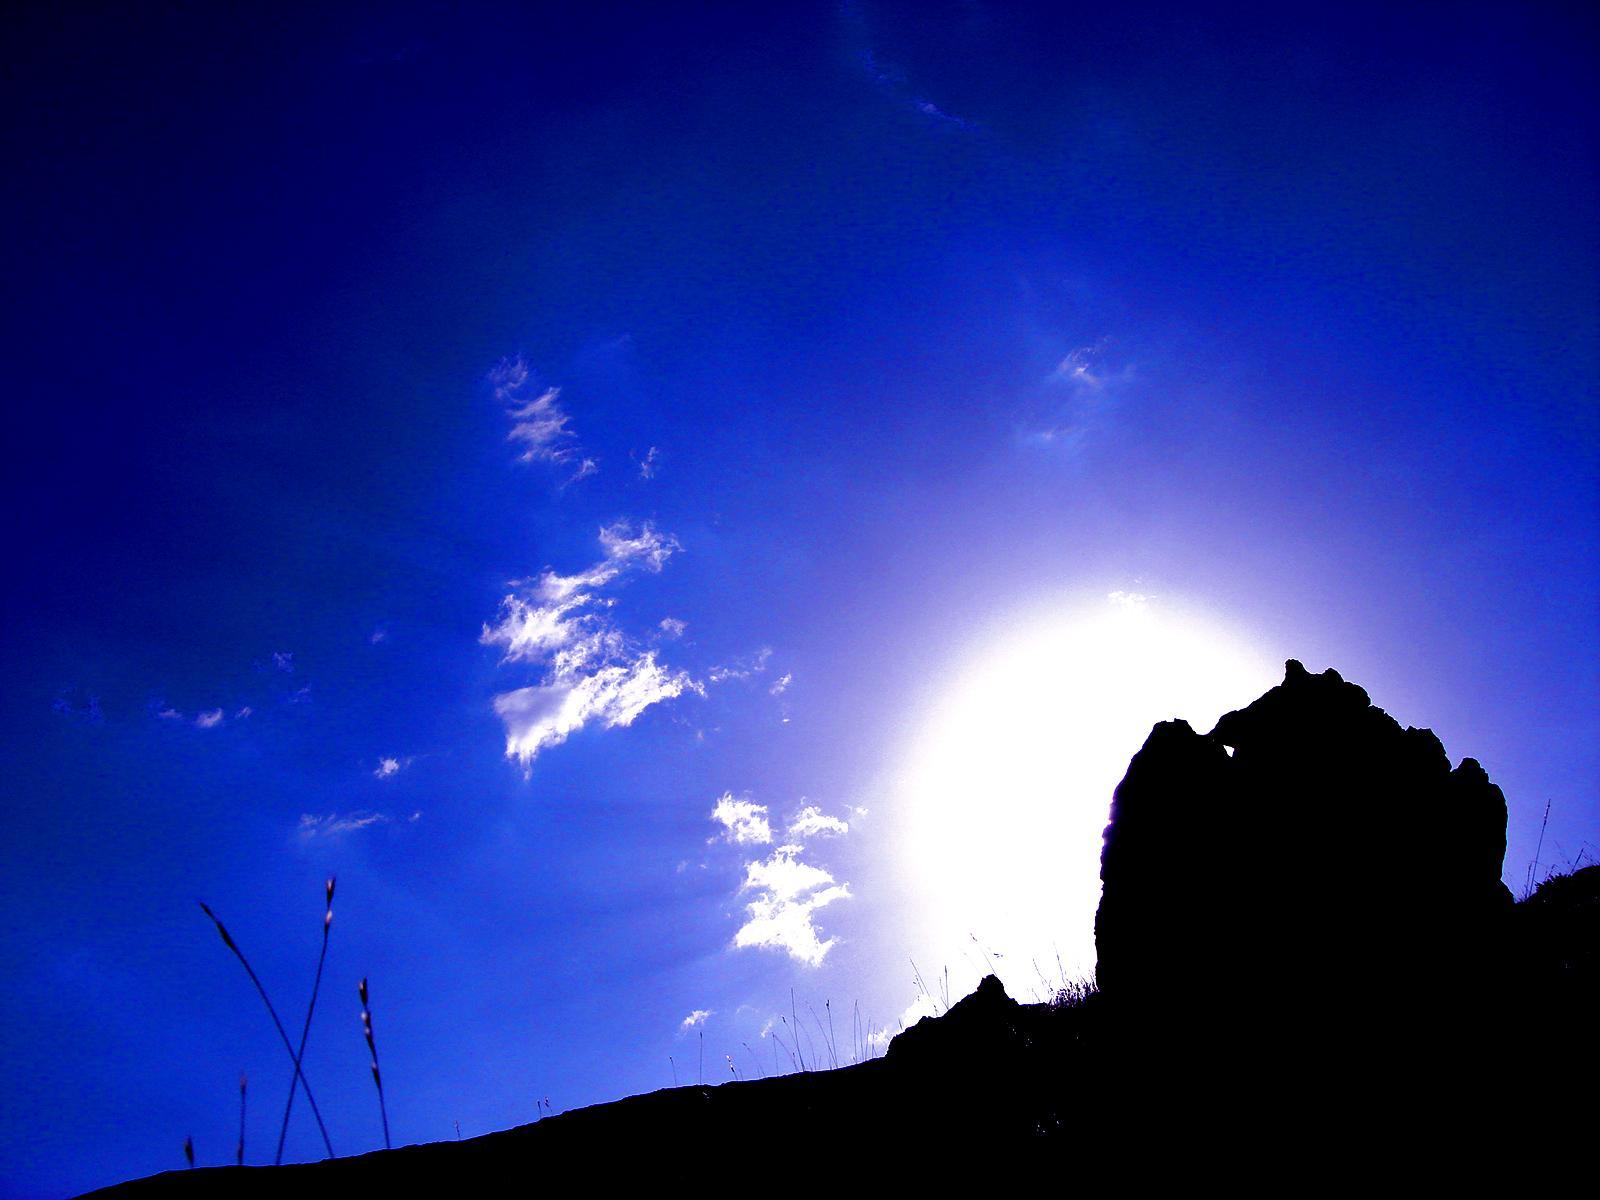 Времена года - Лето. Синее небо. Обои для рабочего стола.